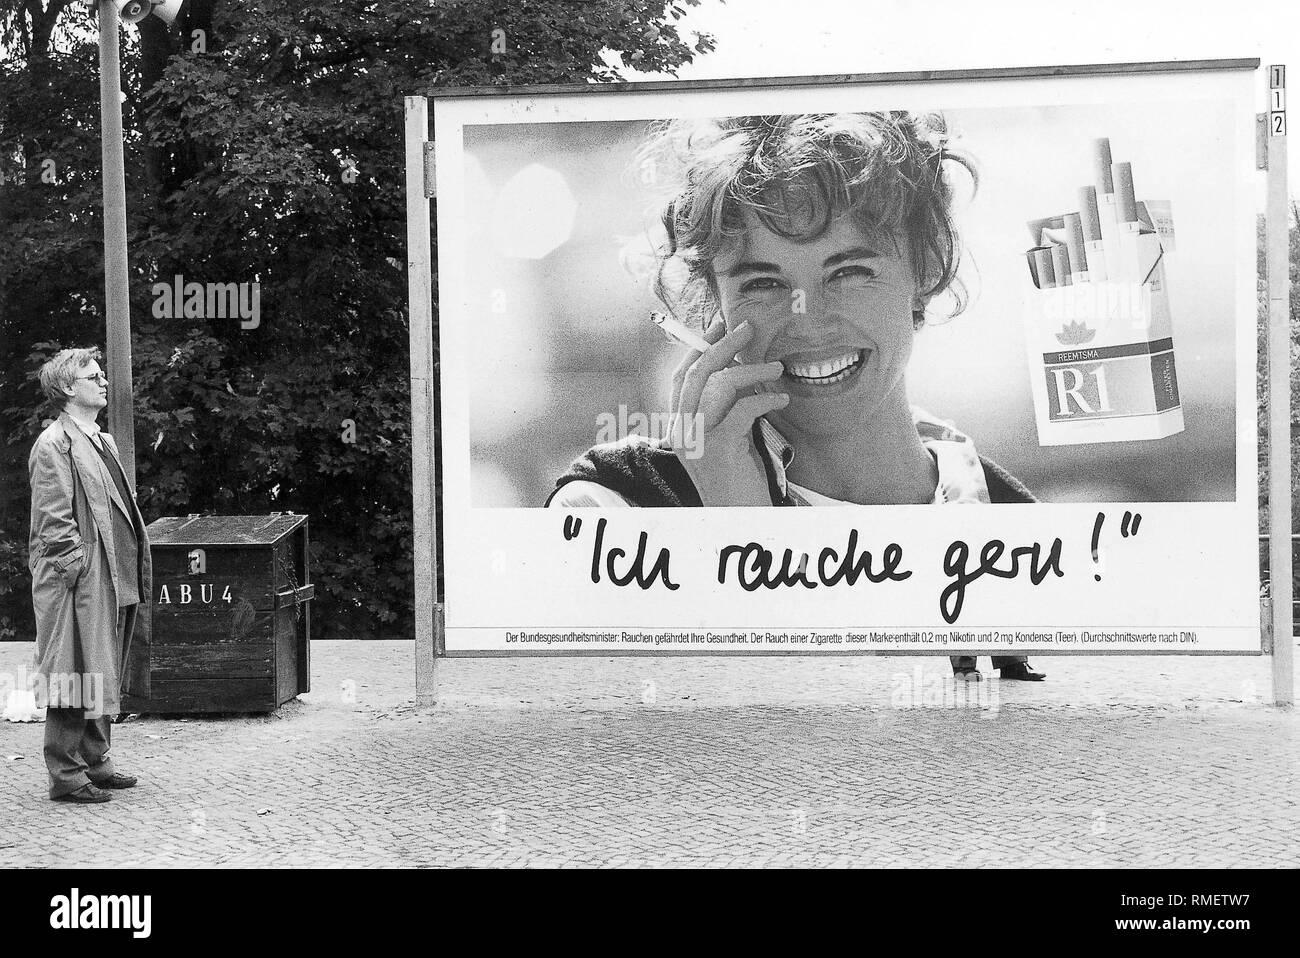 """Cartel de publicidad de cigarrillos de la marca 'R1' en la década de los 80s: """"Me gusta fumar!"""". Imagen De Stock"""